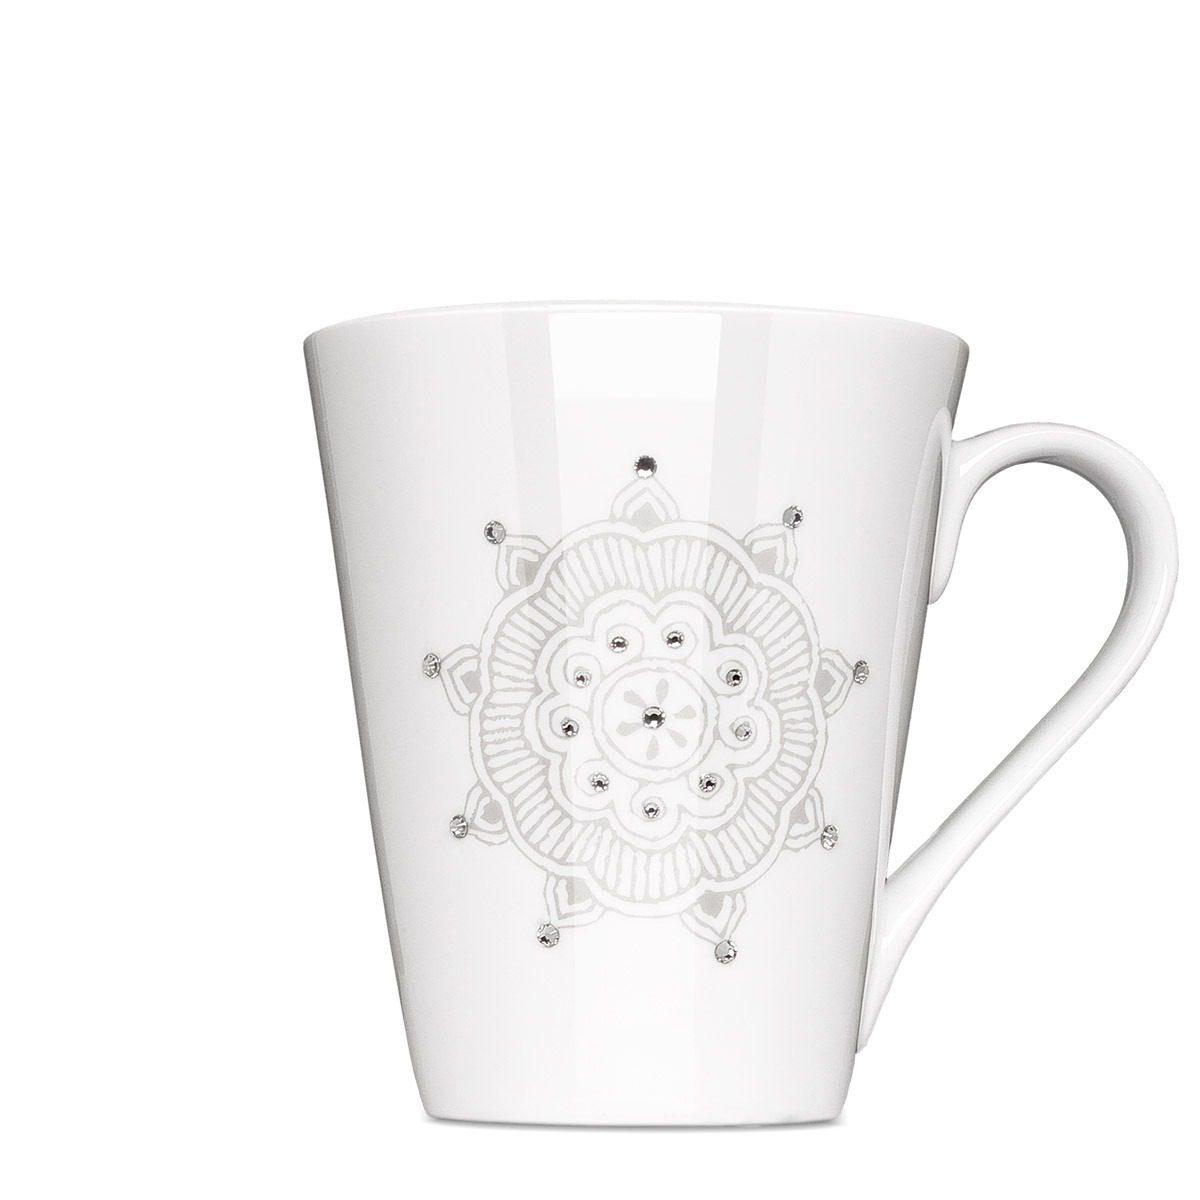 Swarowski Crytalized Mug - Mahlwerck Porcelain